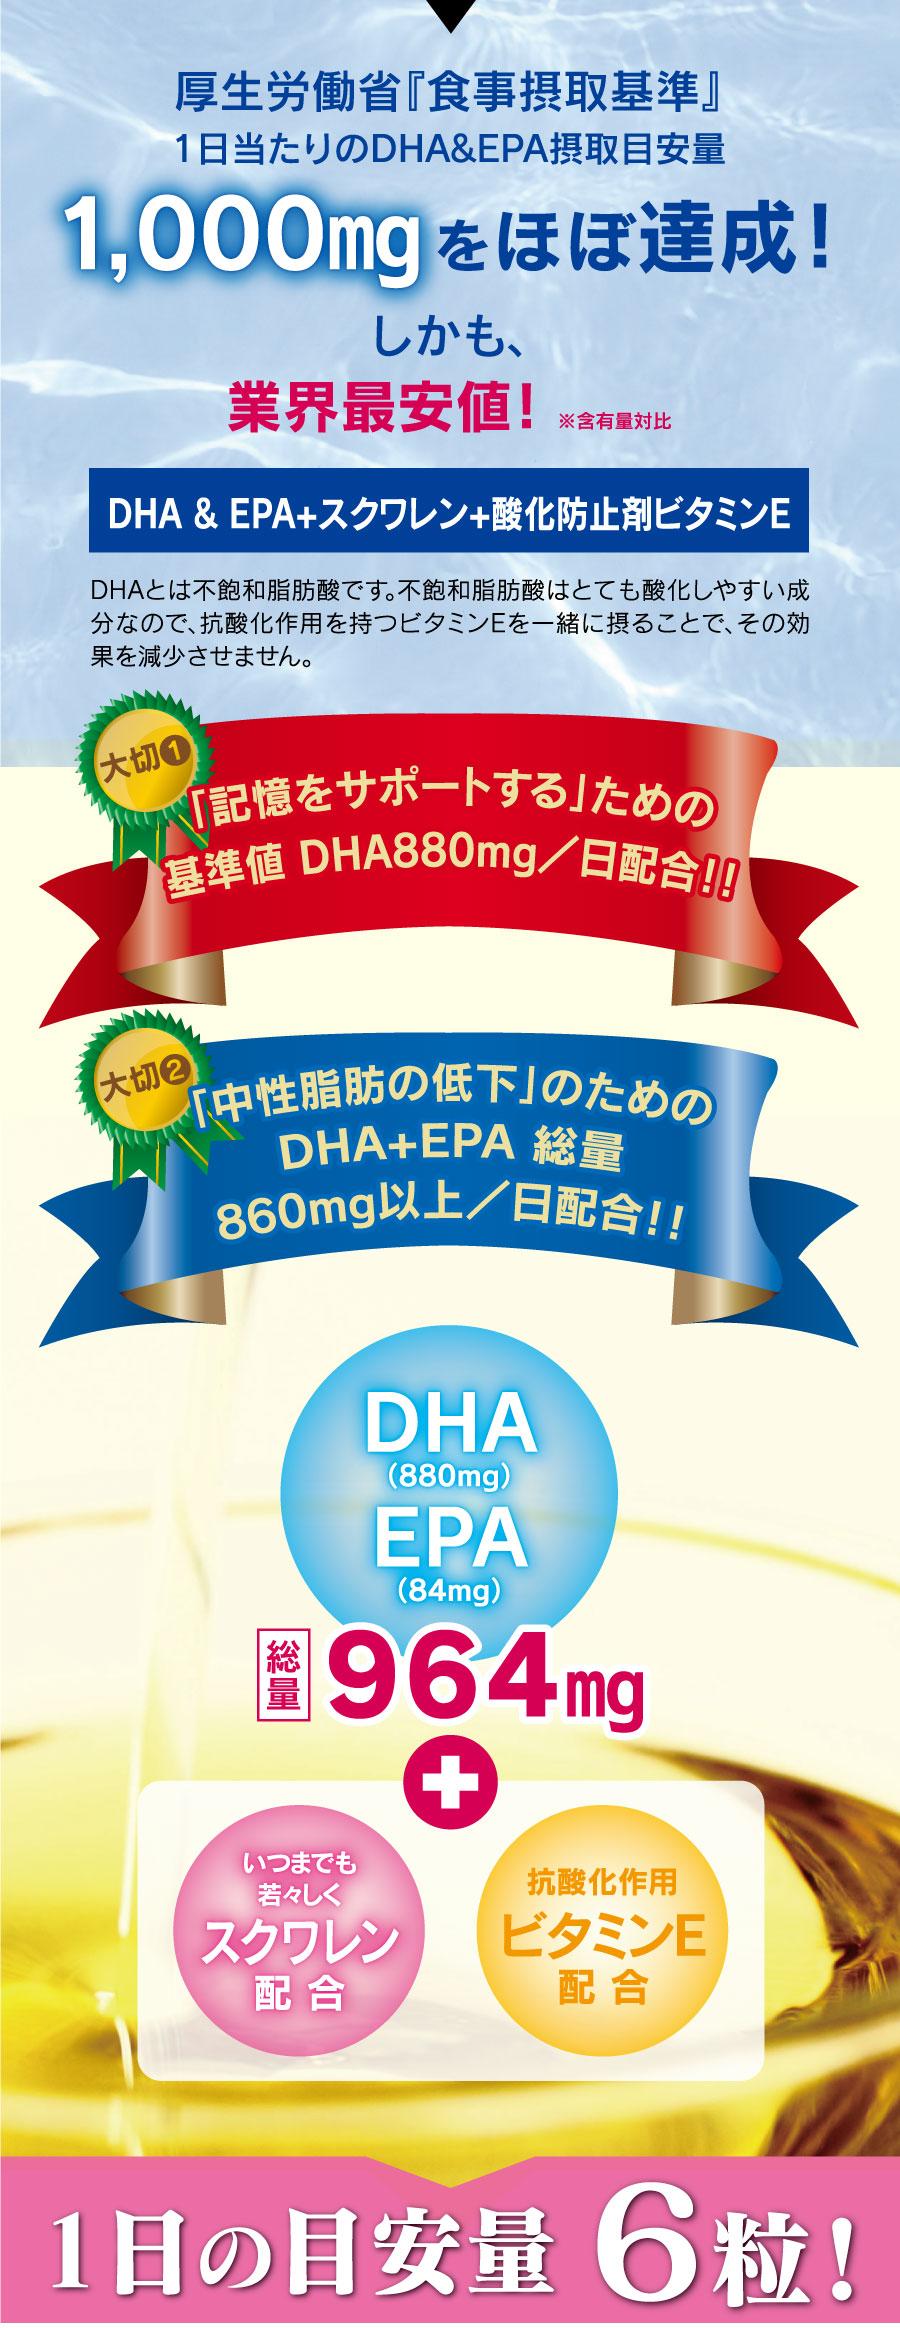 厚生労働省『食事摂取基準』1日当たりのDHA&EPA摂取目安量1,000mgをほぼ達成!